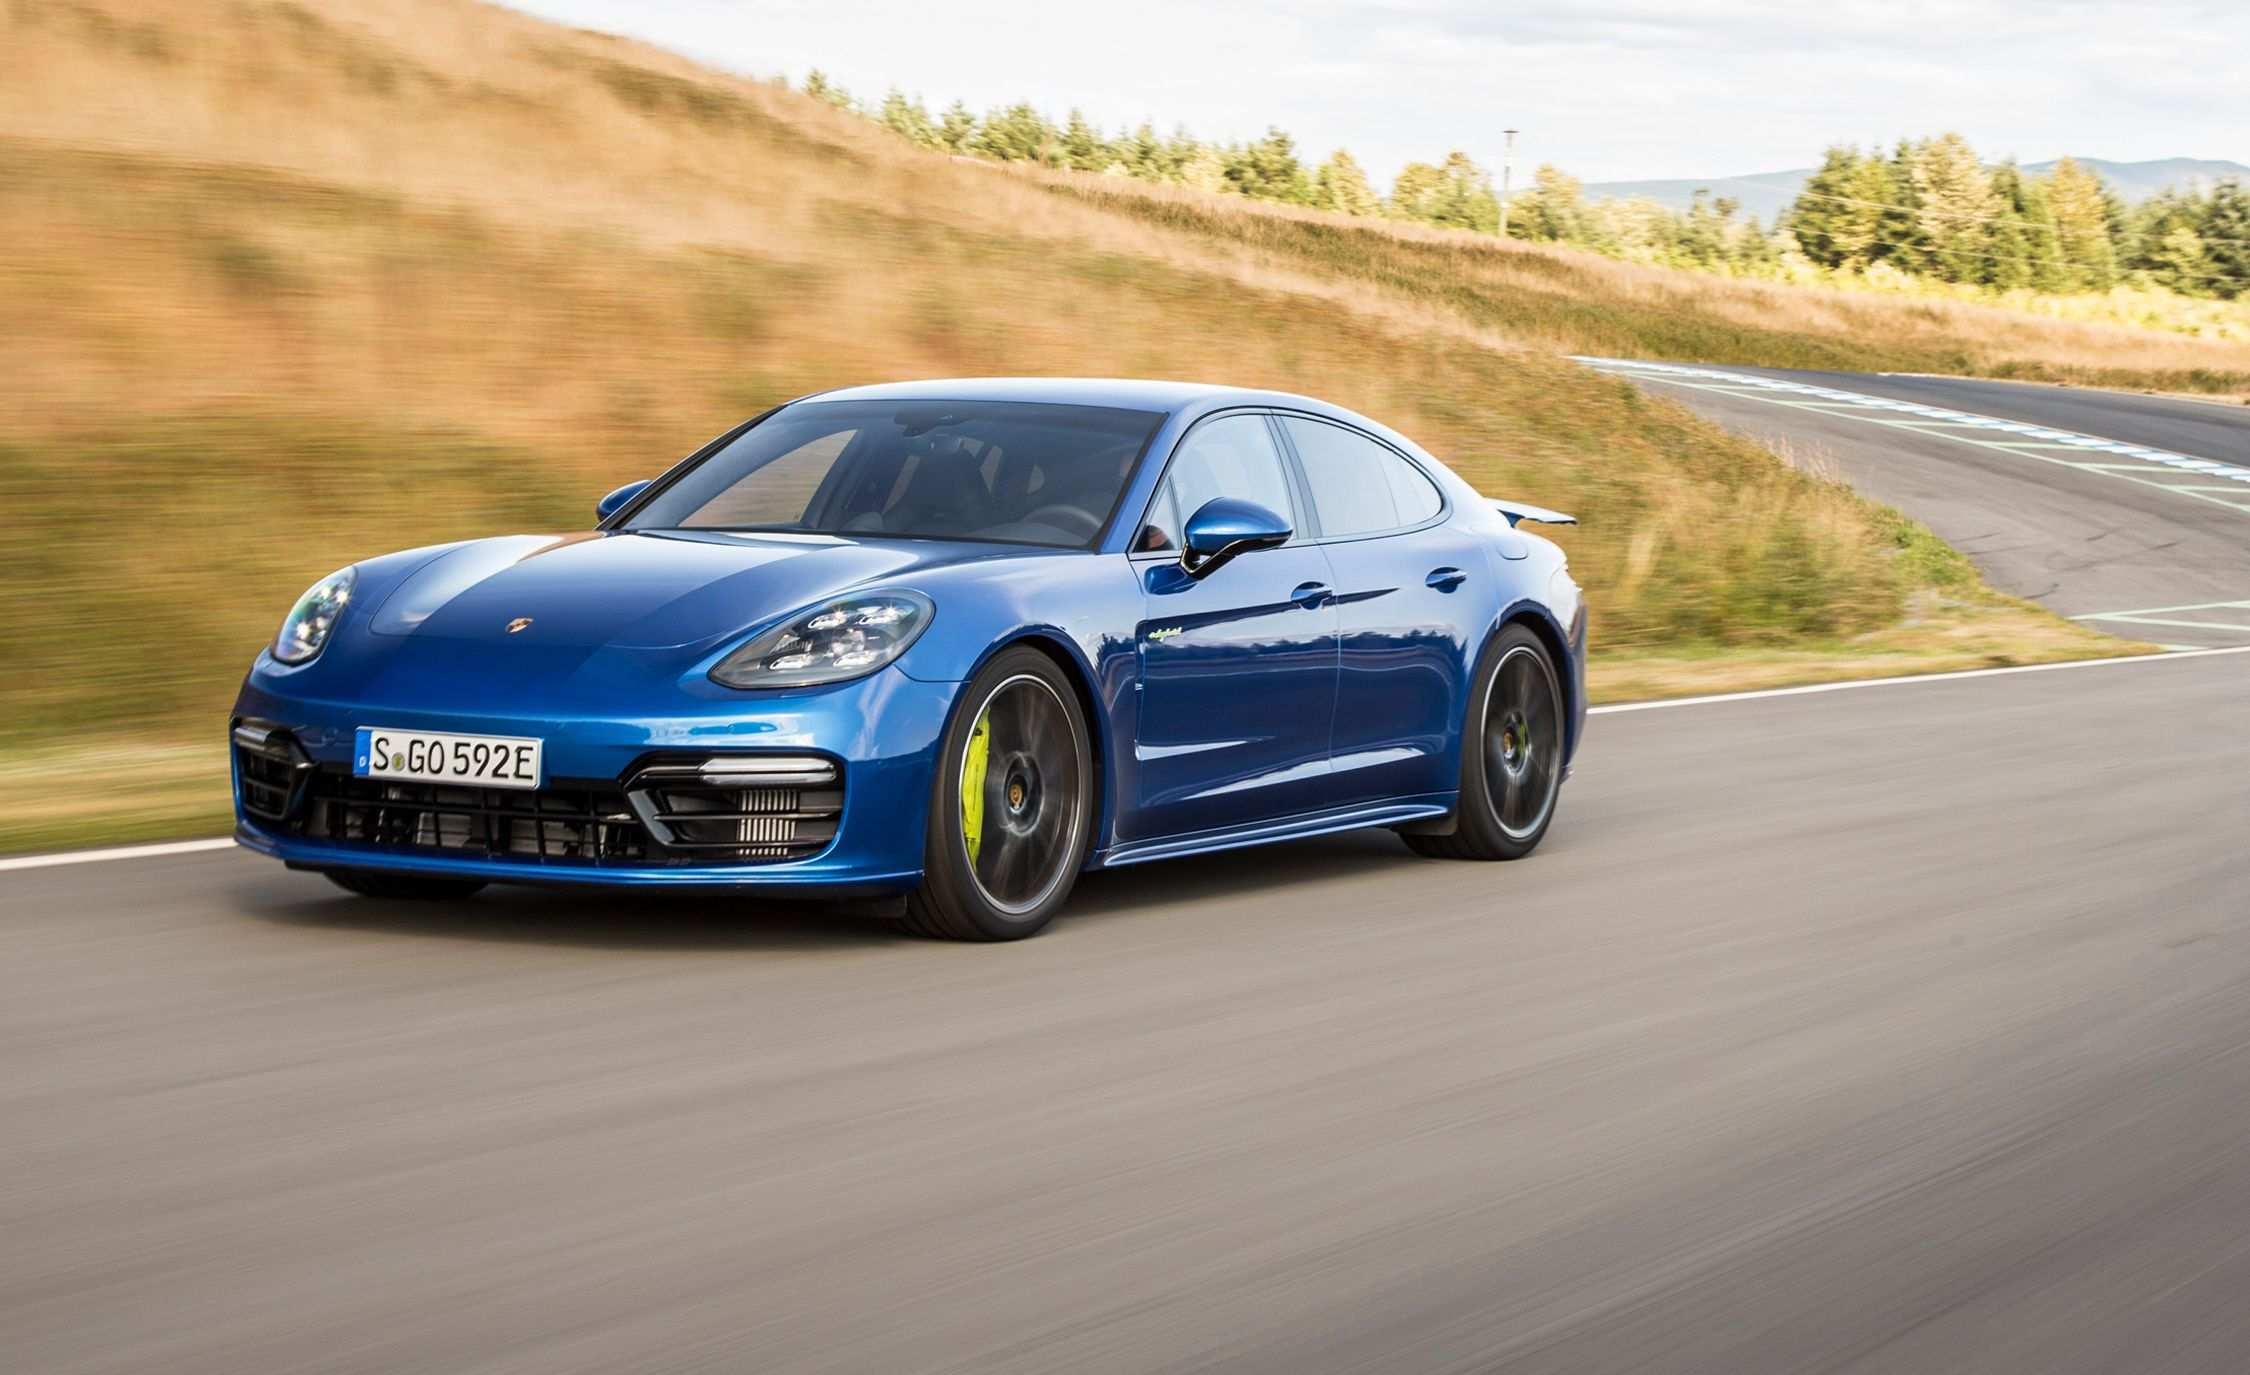 44 All New 2019 Porsche Panamera Hybrid Model for 2019 Porsche Panamera Hybrid